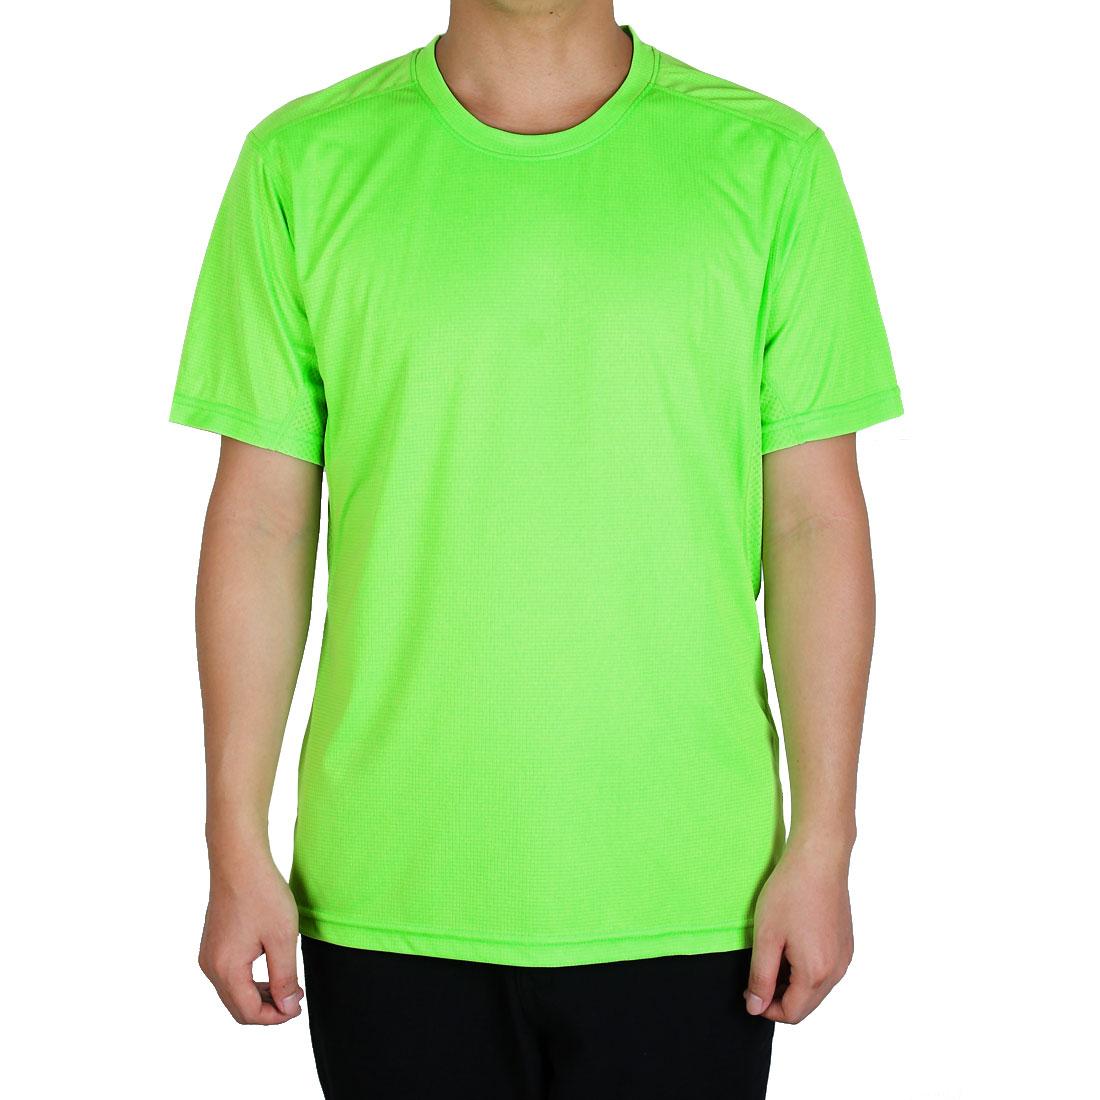 Men Short Sleeve Clothes Casual Wear Tee Jogging Running Sports T-shirt Green XL